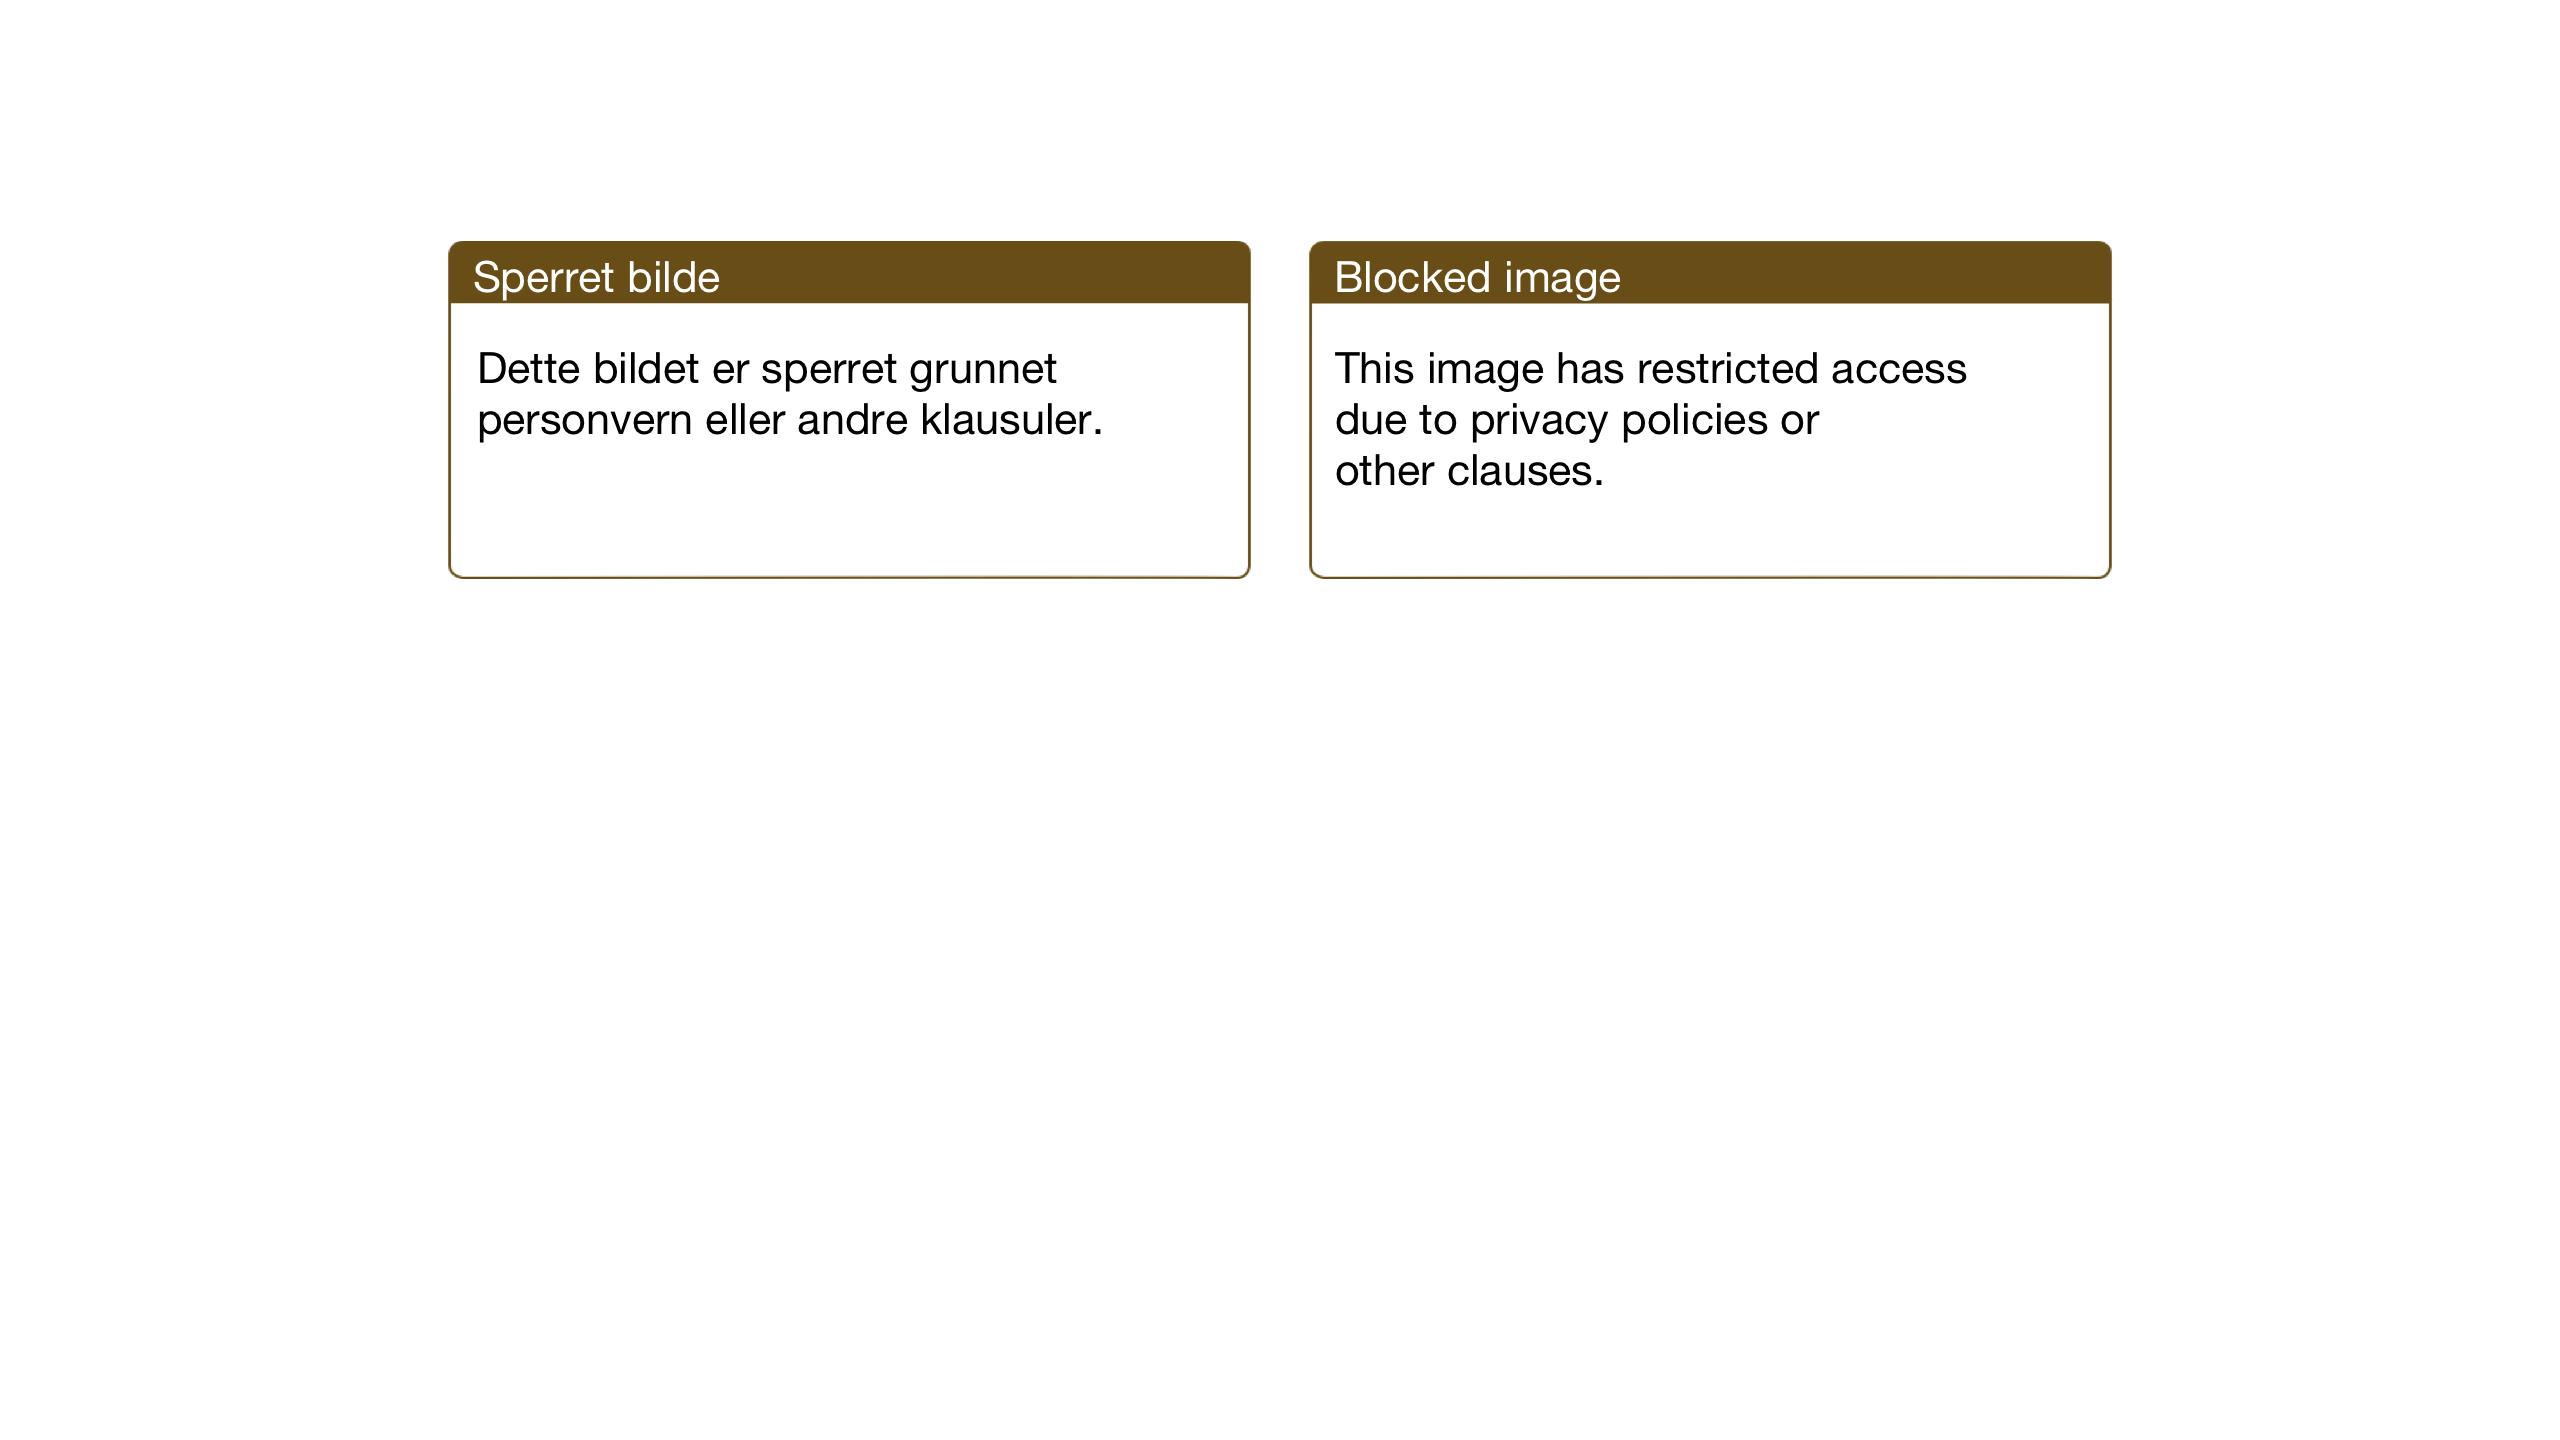 SAT, Ministerialprotokoller, klokkerbøker og fødselsregistre - Nord-Trøndelag, 740/L0384: Klokkerbok nr. 740C05, 1939-1946, s. 5